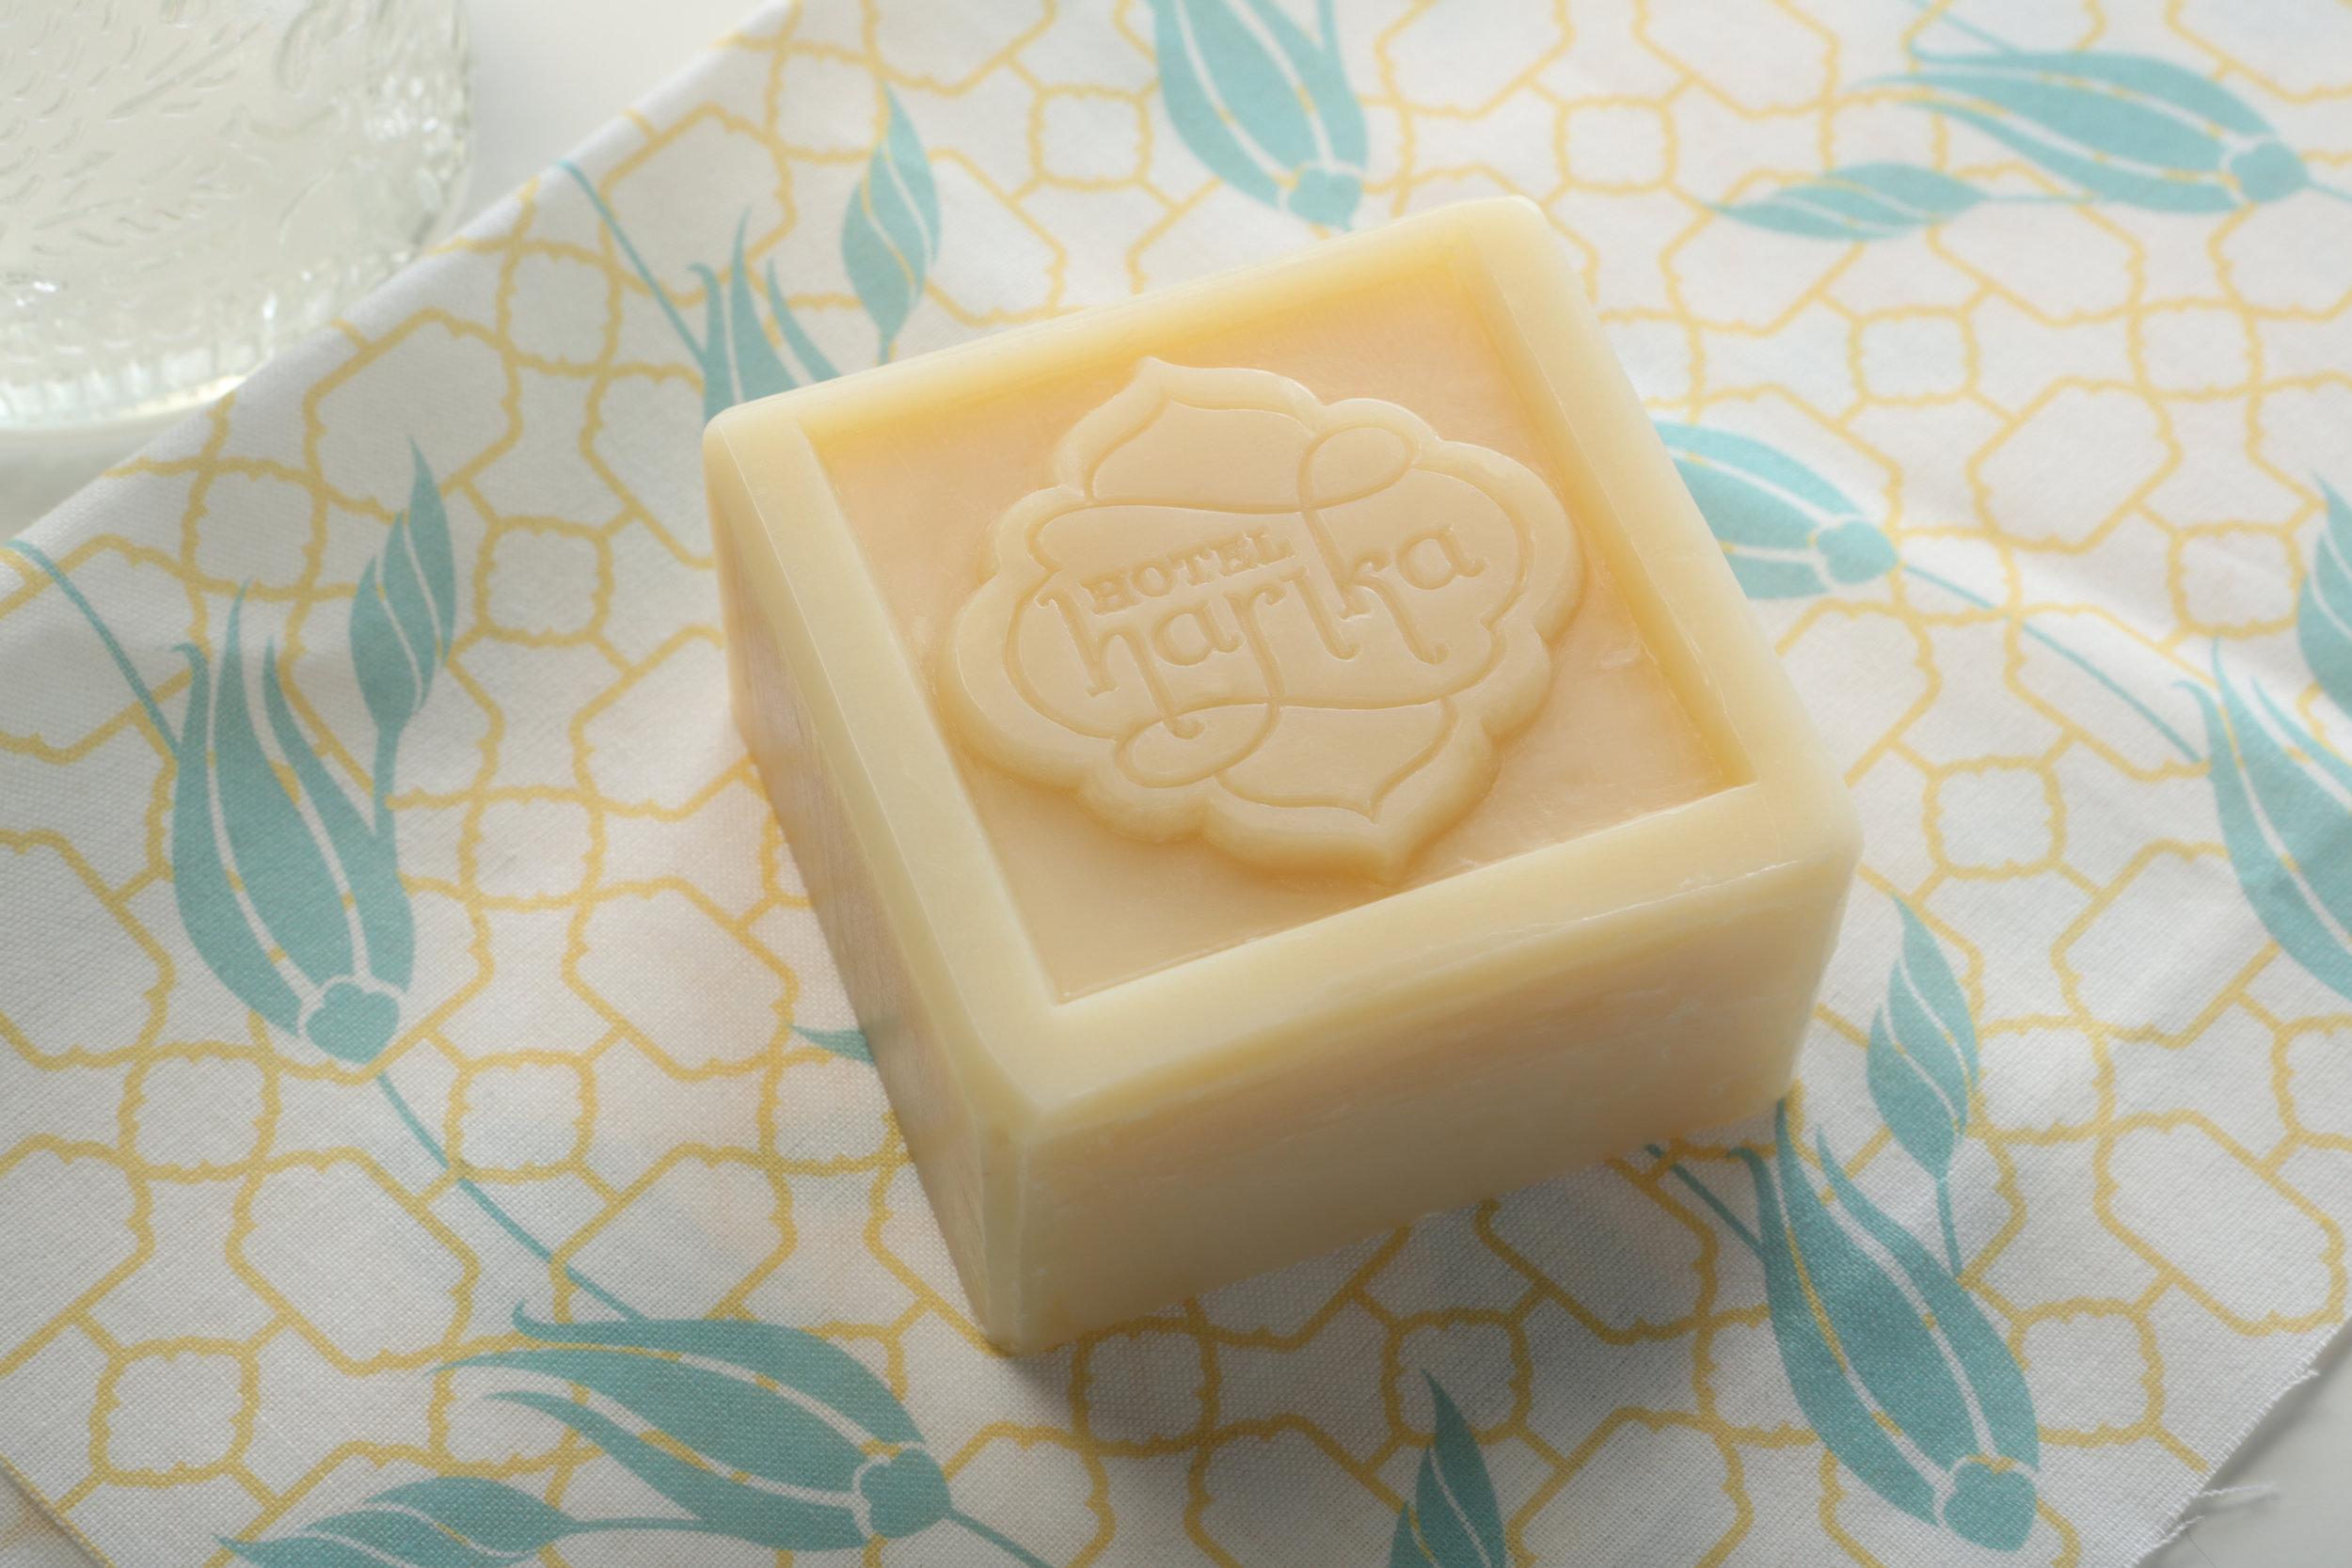 harika_soap detail.jpg